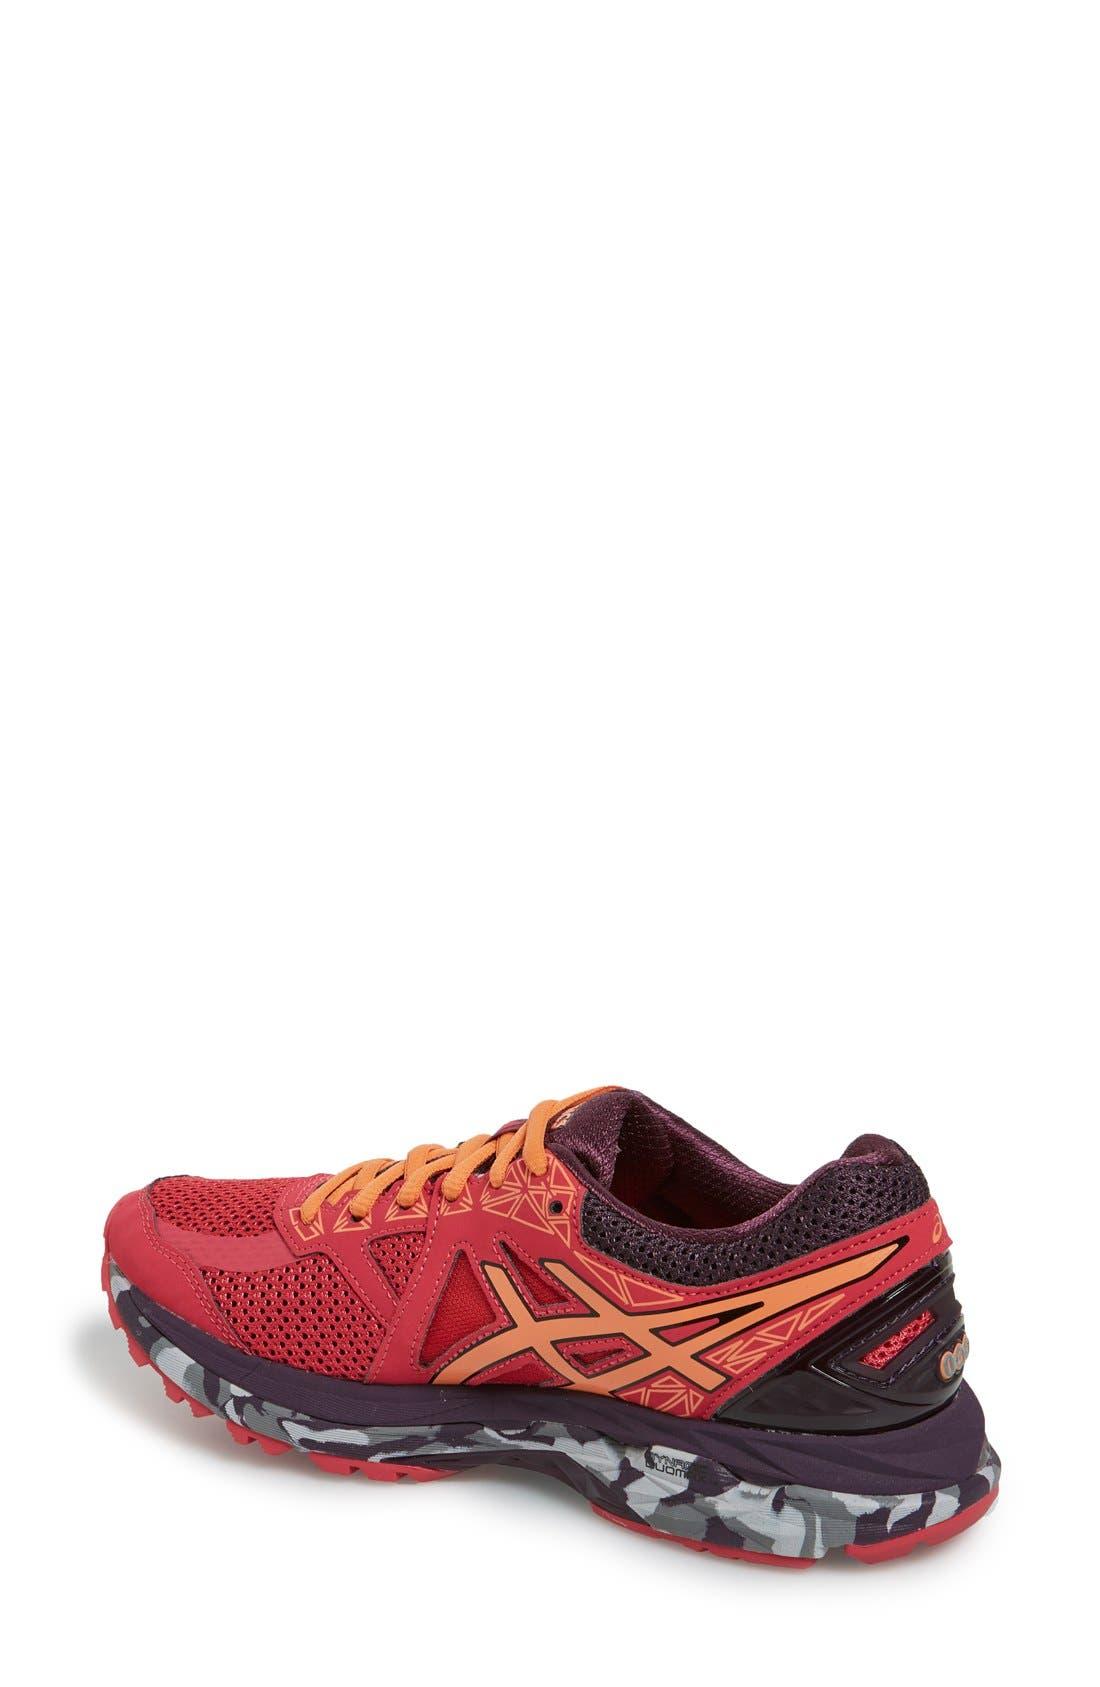 Alternate Image 2  - ASICS® 'GT-2000 4' Trail Running Shoe (Women)